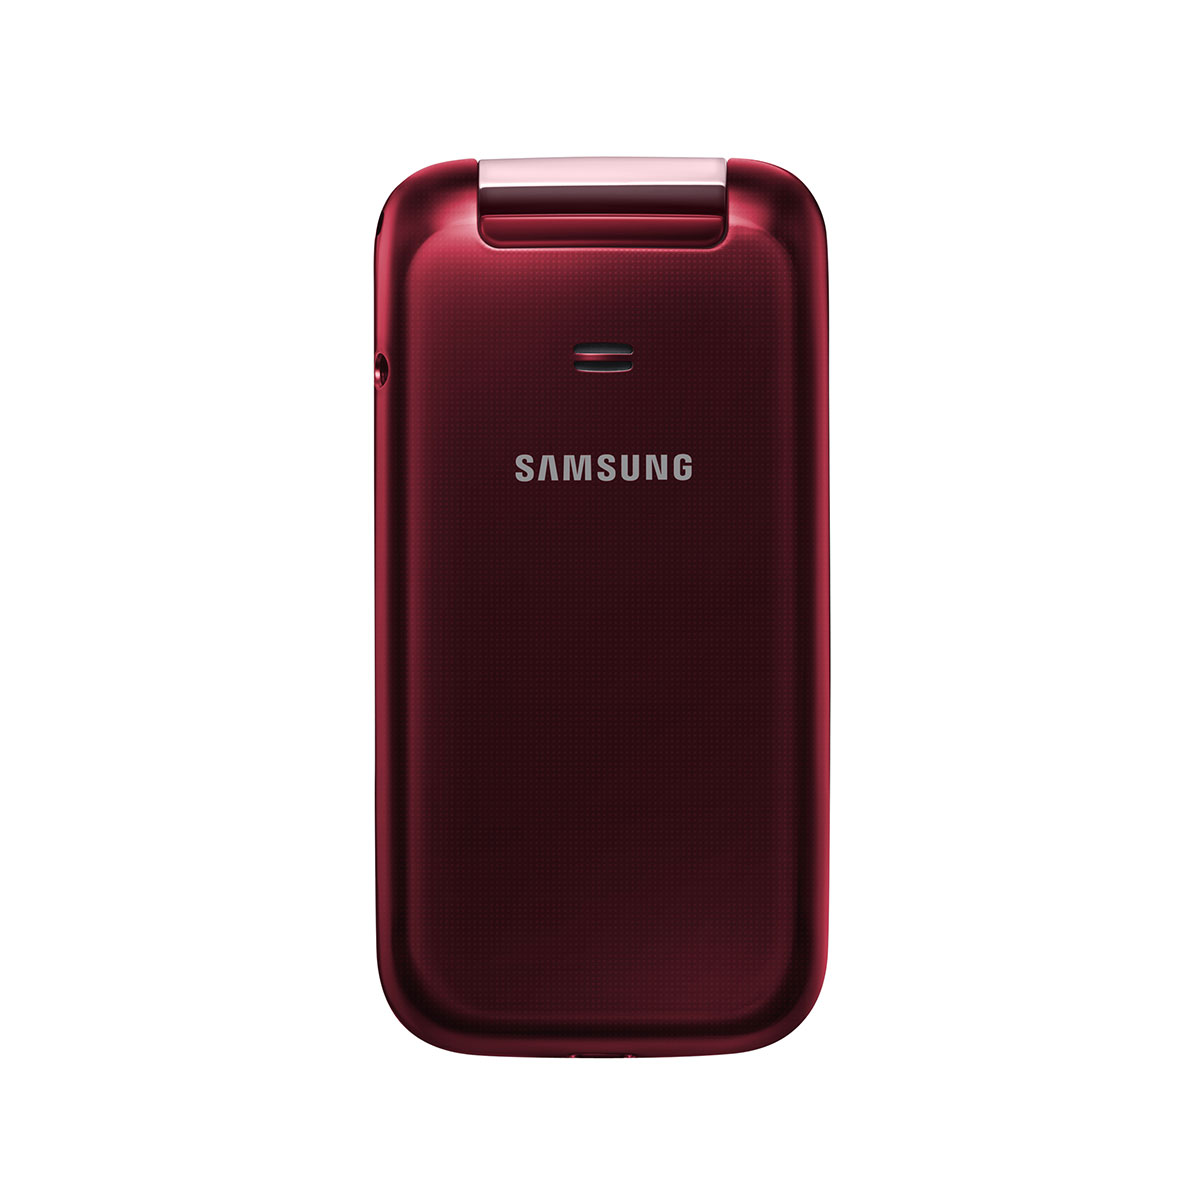 samsung c3590 red wine mobile smartphone samsung sur. Black Bedroom Furniture Sets. Home Design Ideas